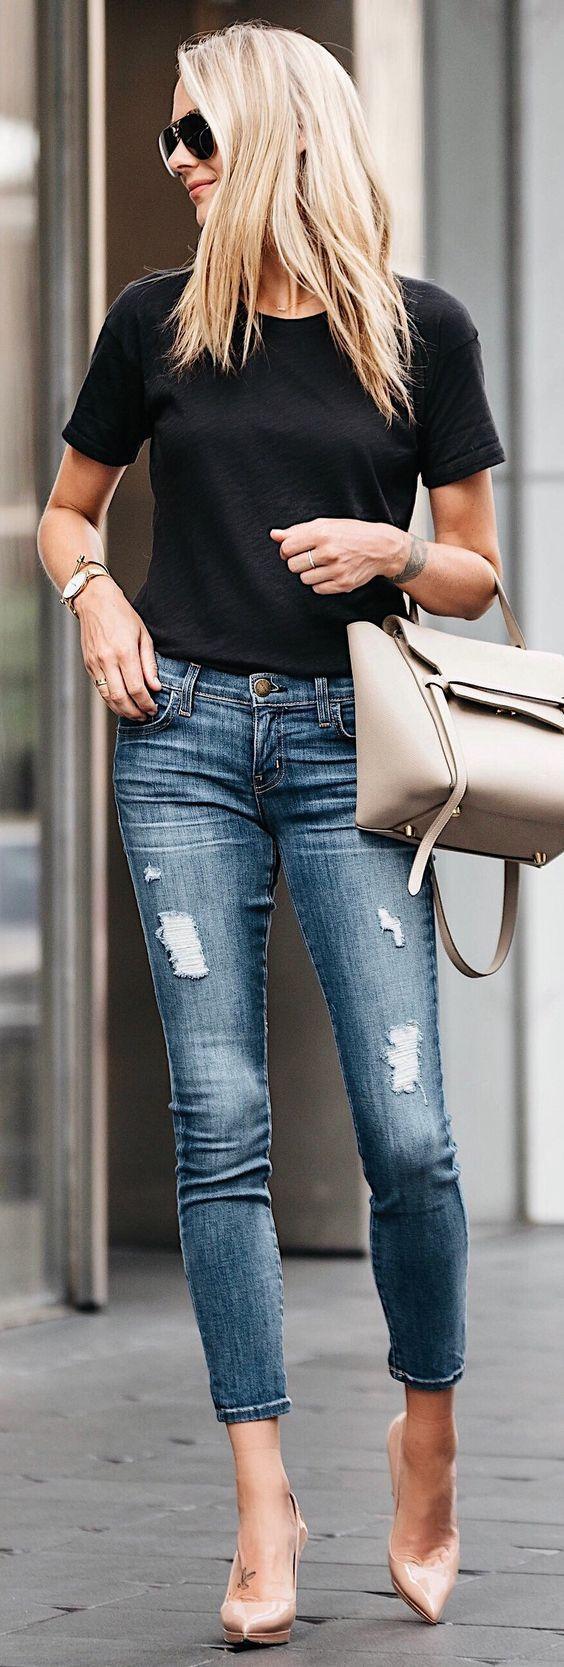 Crop jeans, heels, and black tee